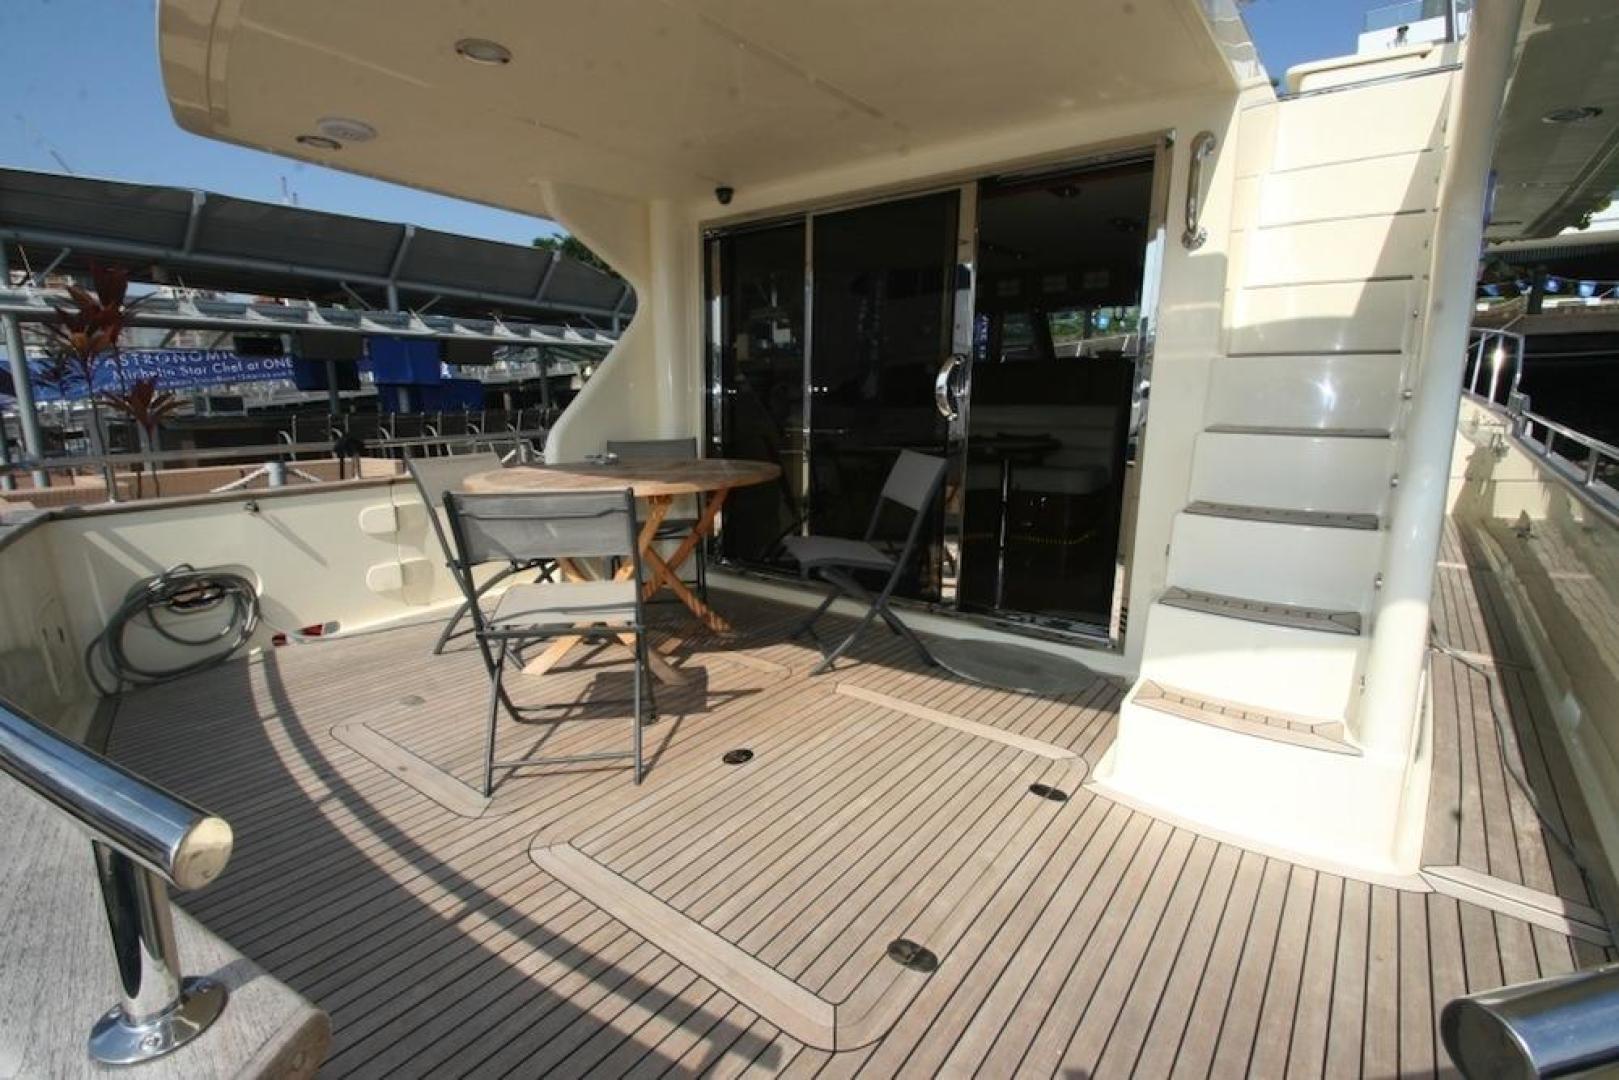 Clipper Motor Yachts-Cordova 52 2011 -Unknown-Singapore-Clipper Motor Yachts Cordova 52-385784 | Thumbnail